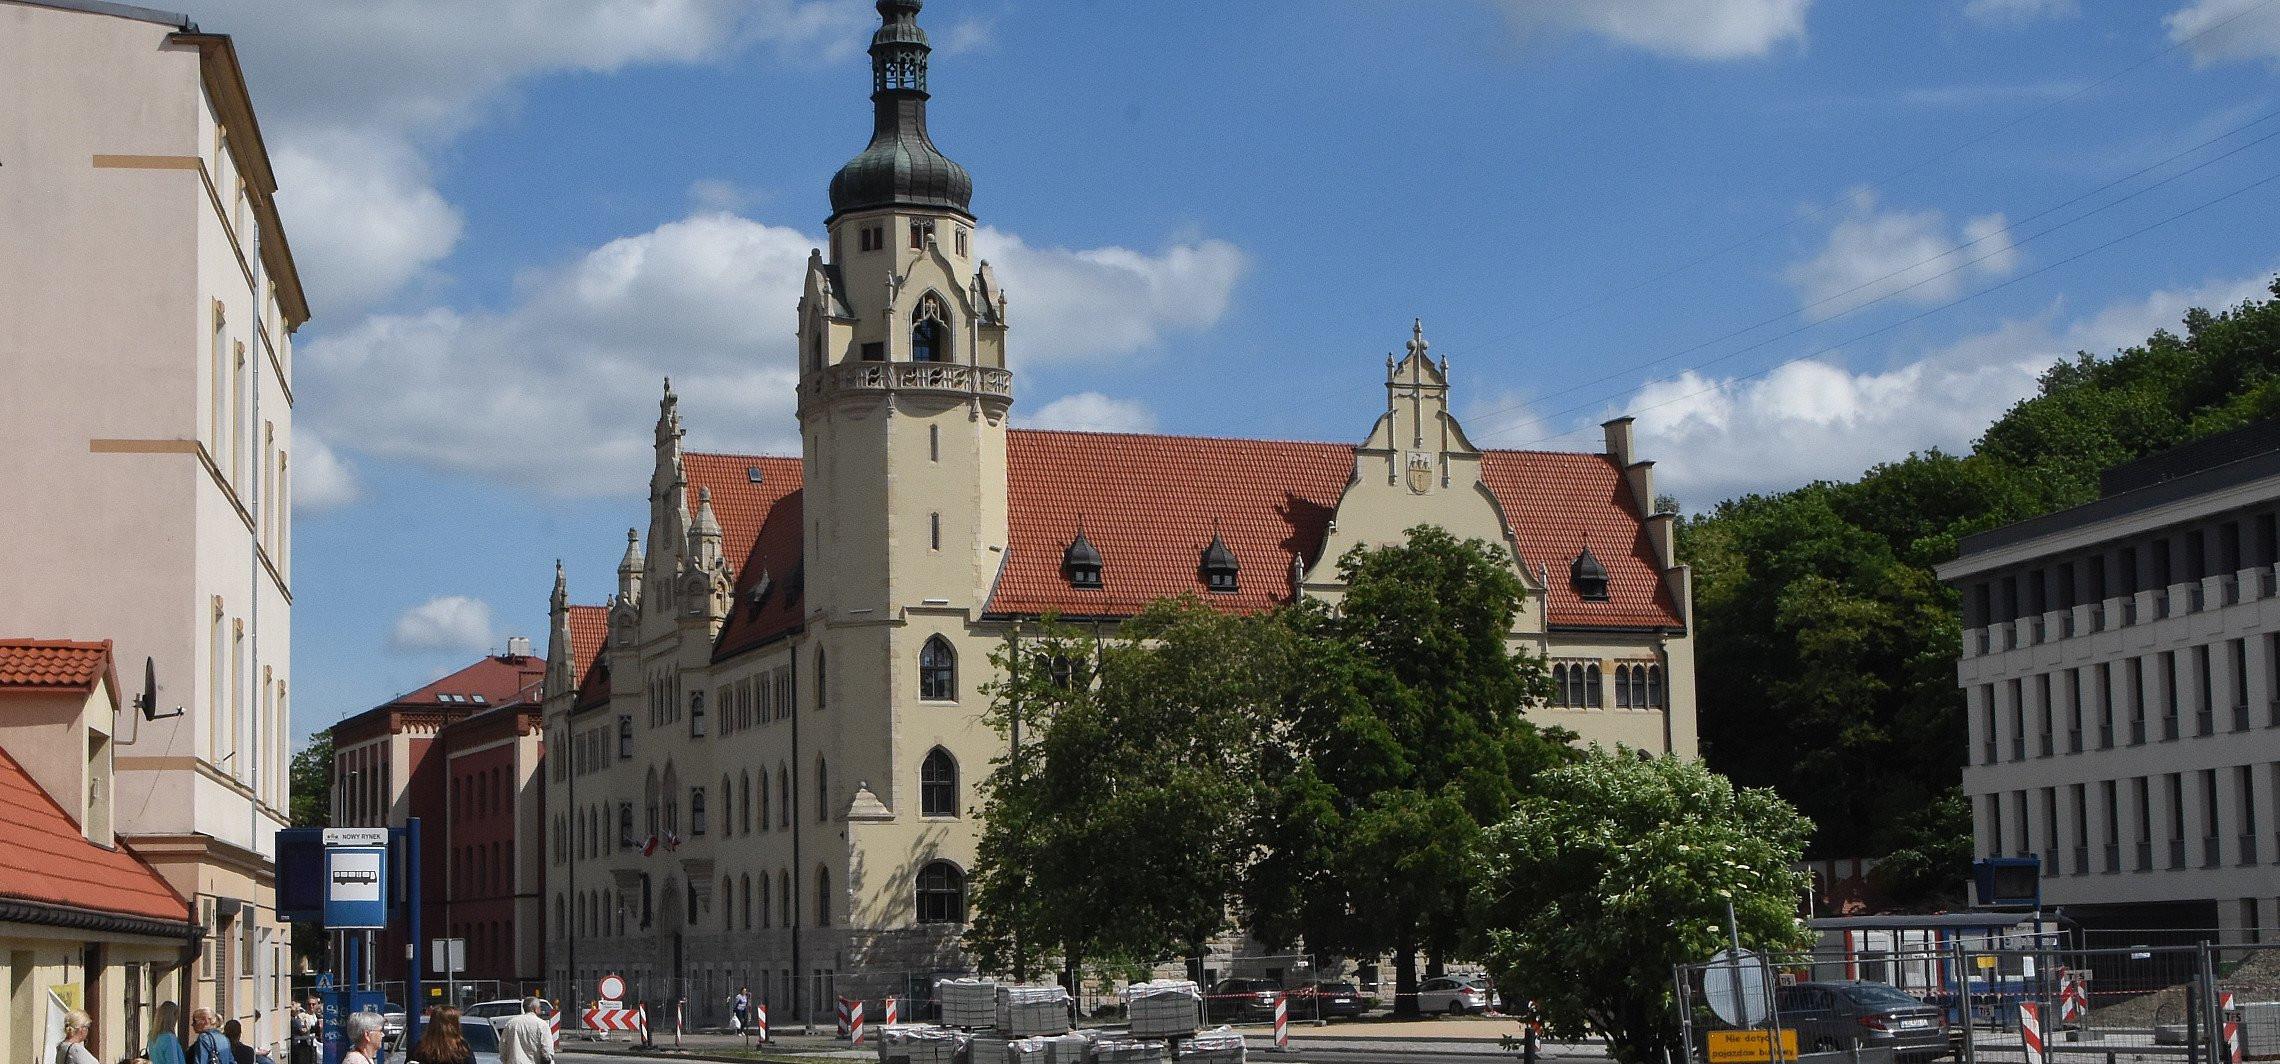 Bydgoszcz - Mediacje zamiast procesu. Bydgoski sąd zaprasza